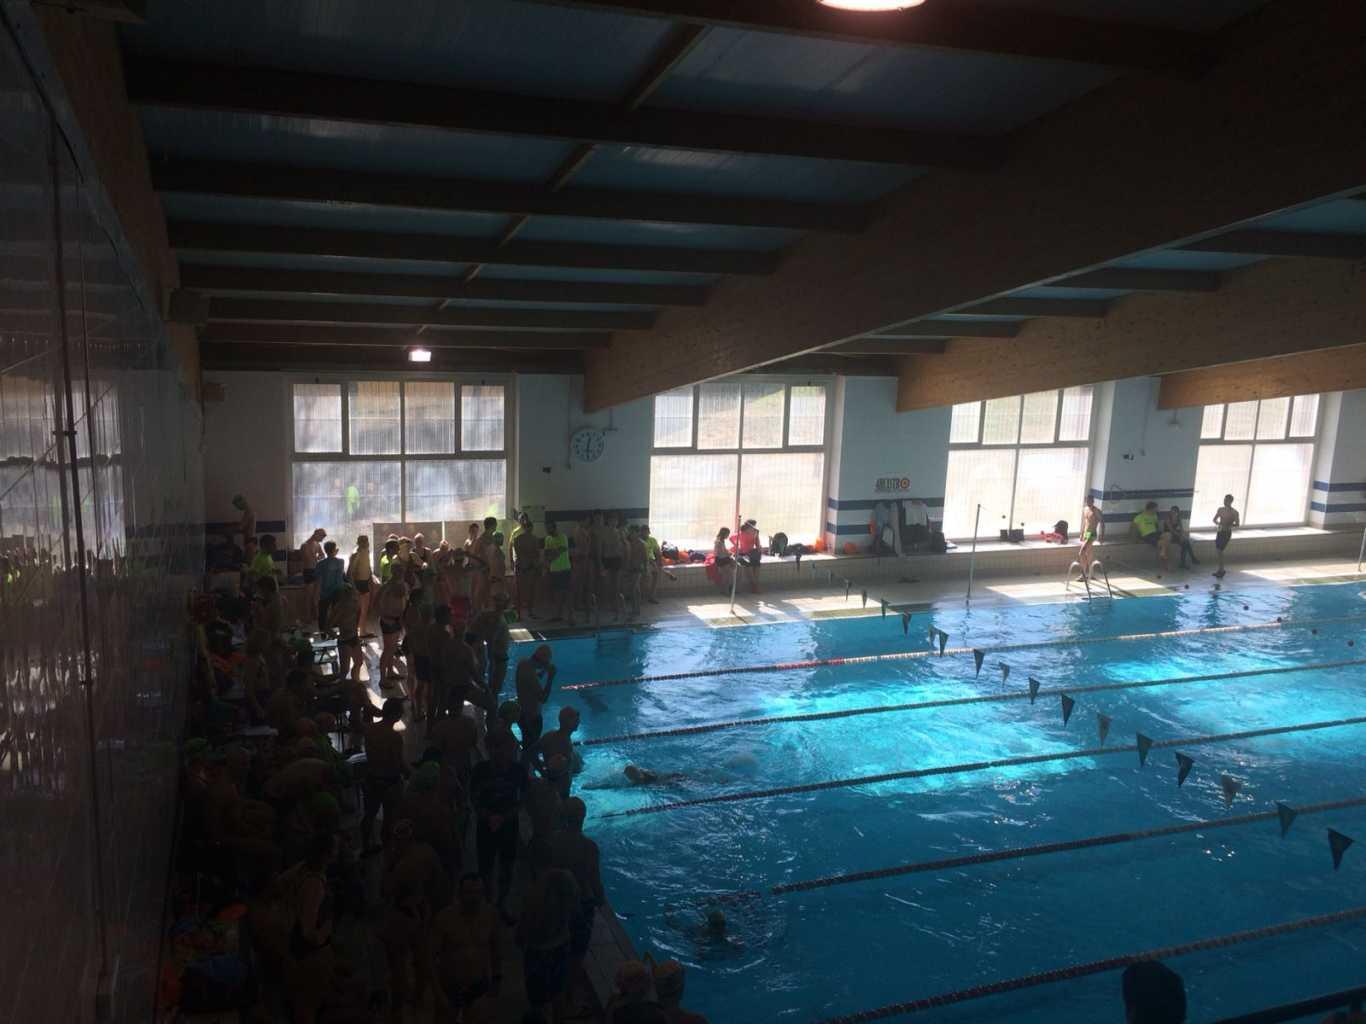 Vencedores del 100x100 de nataci n del kafewake race team for Piscina cubierta alcala de henares